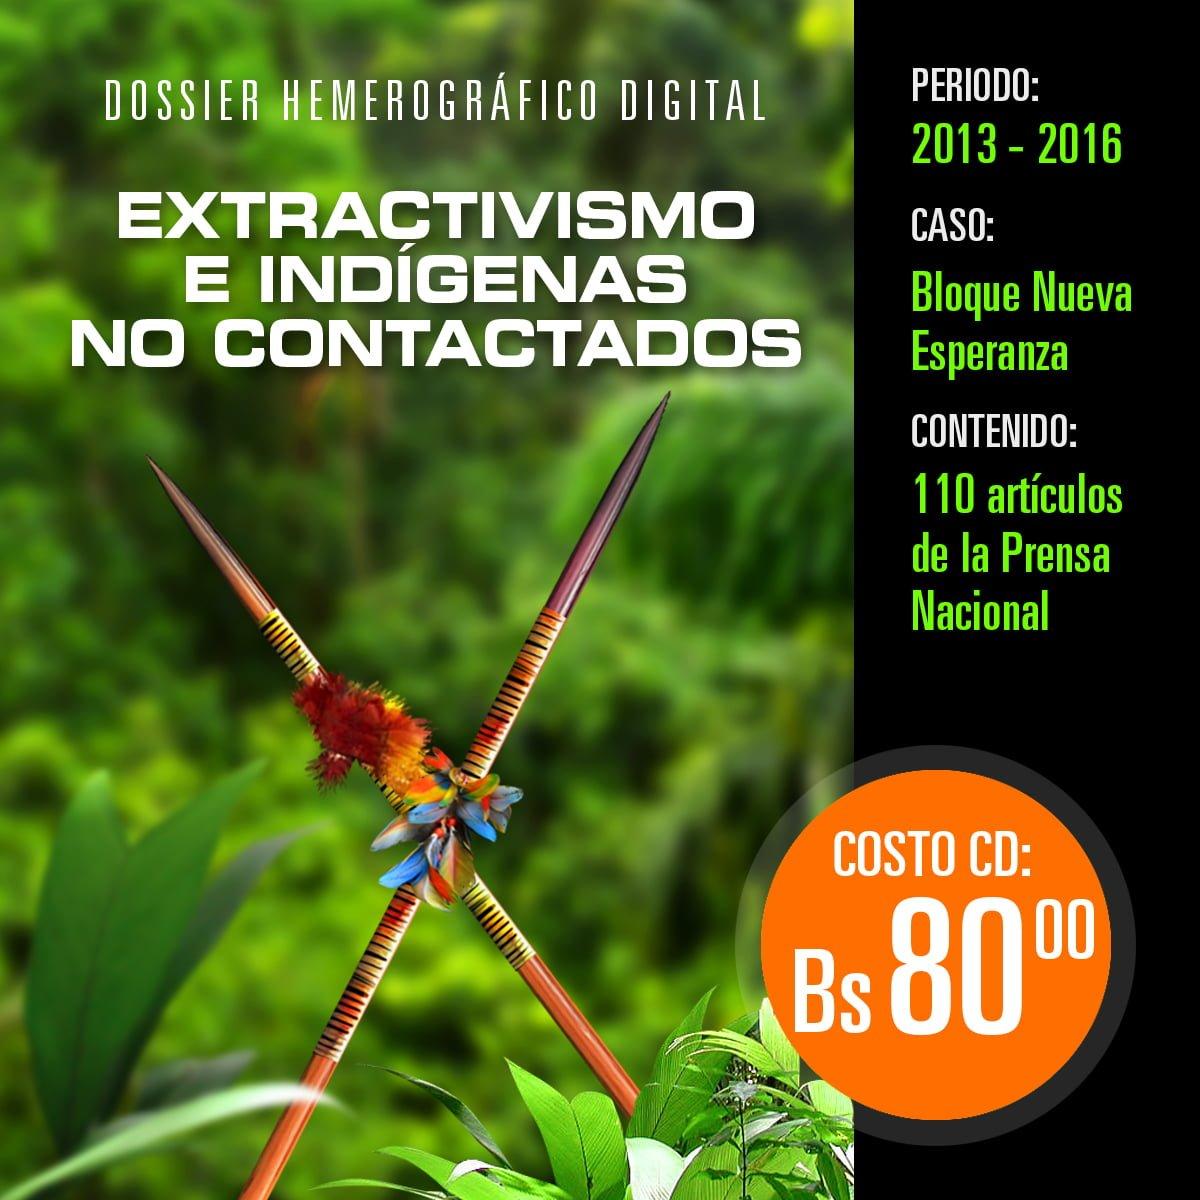 Extractivismo-NoContactados